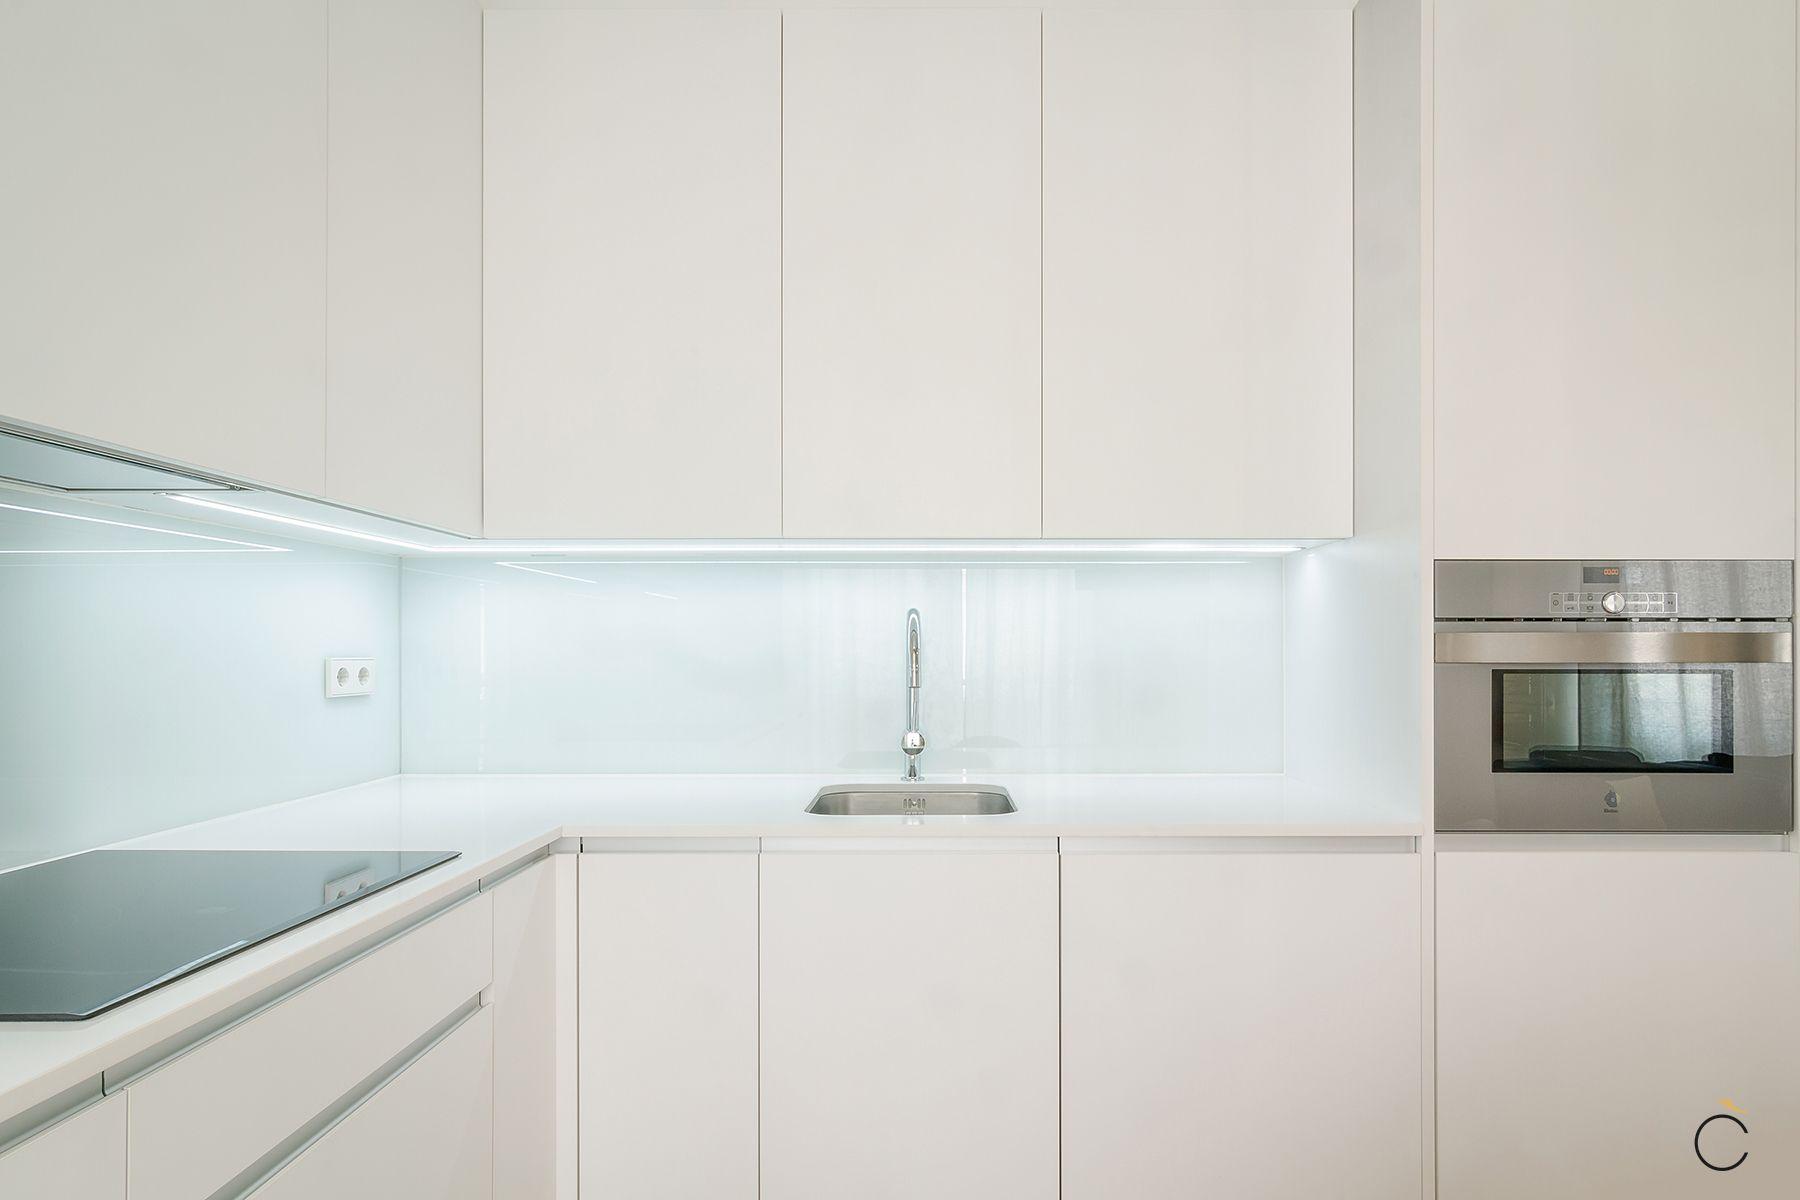 Cocina Blanca Con Luces Led Debajo De Los Muebles Altos Para  # Muebles Para Kichinet